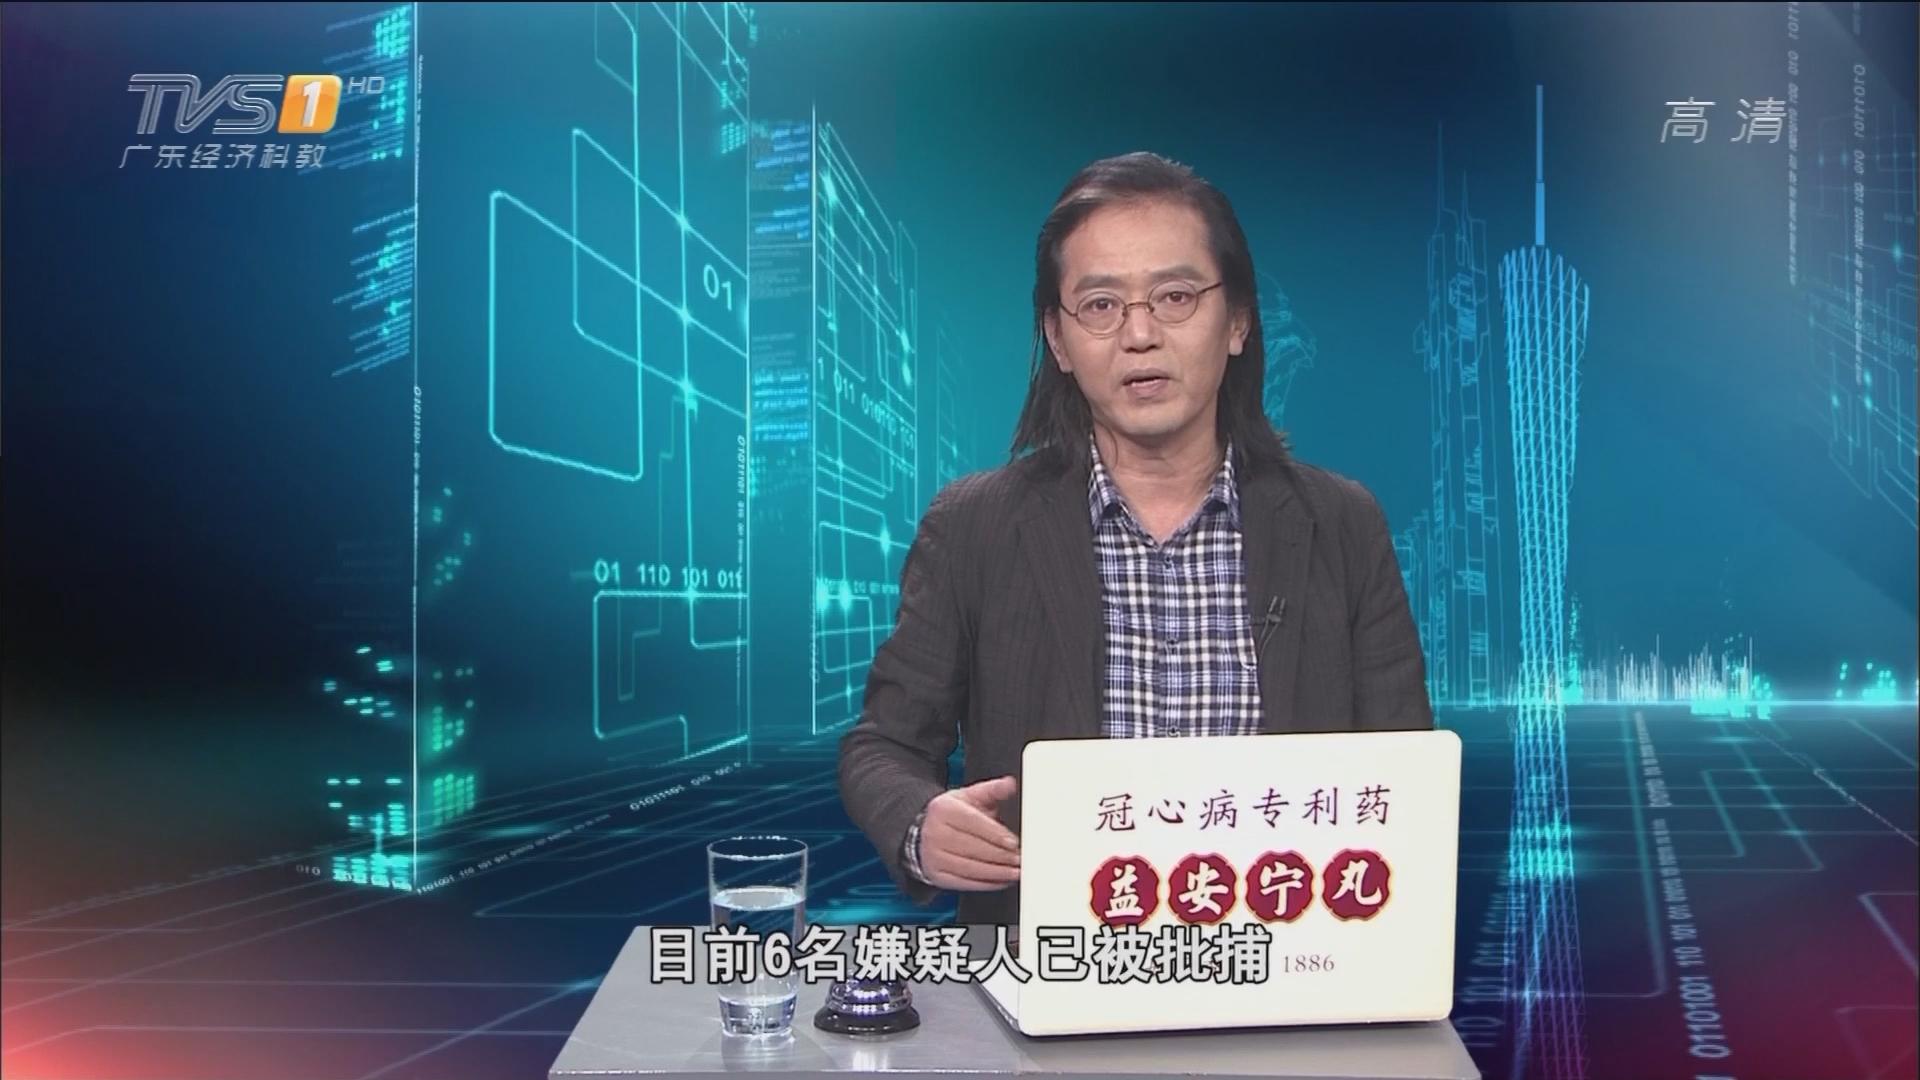 云南旅游乱象 不能回避部门责任